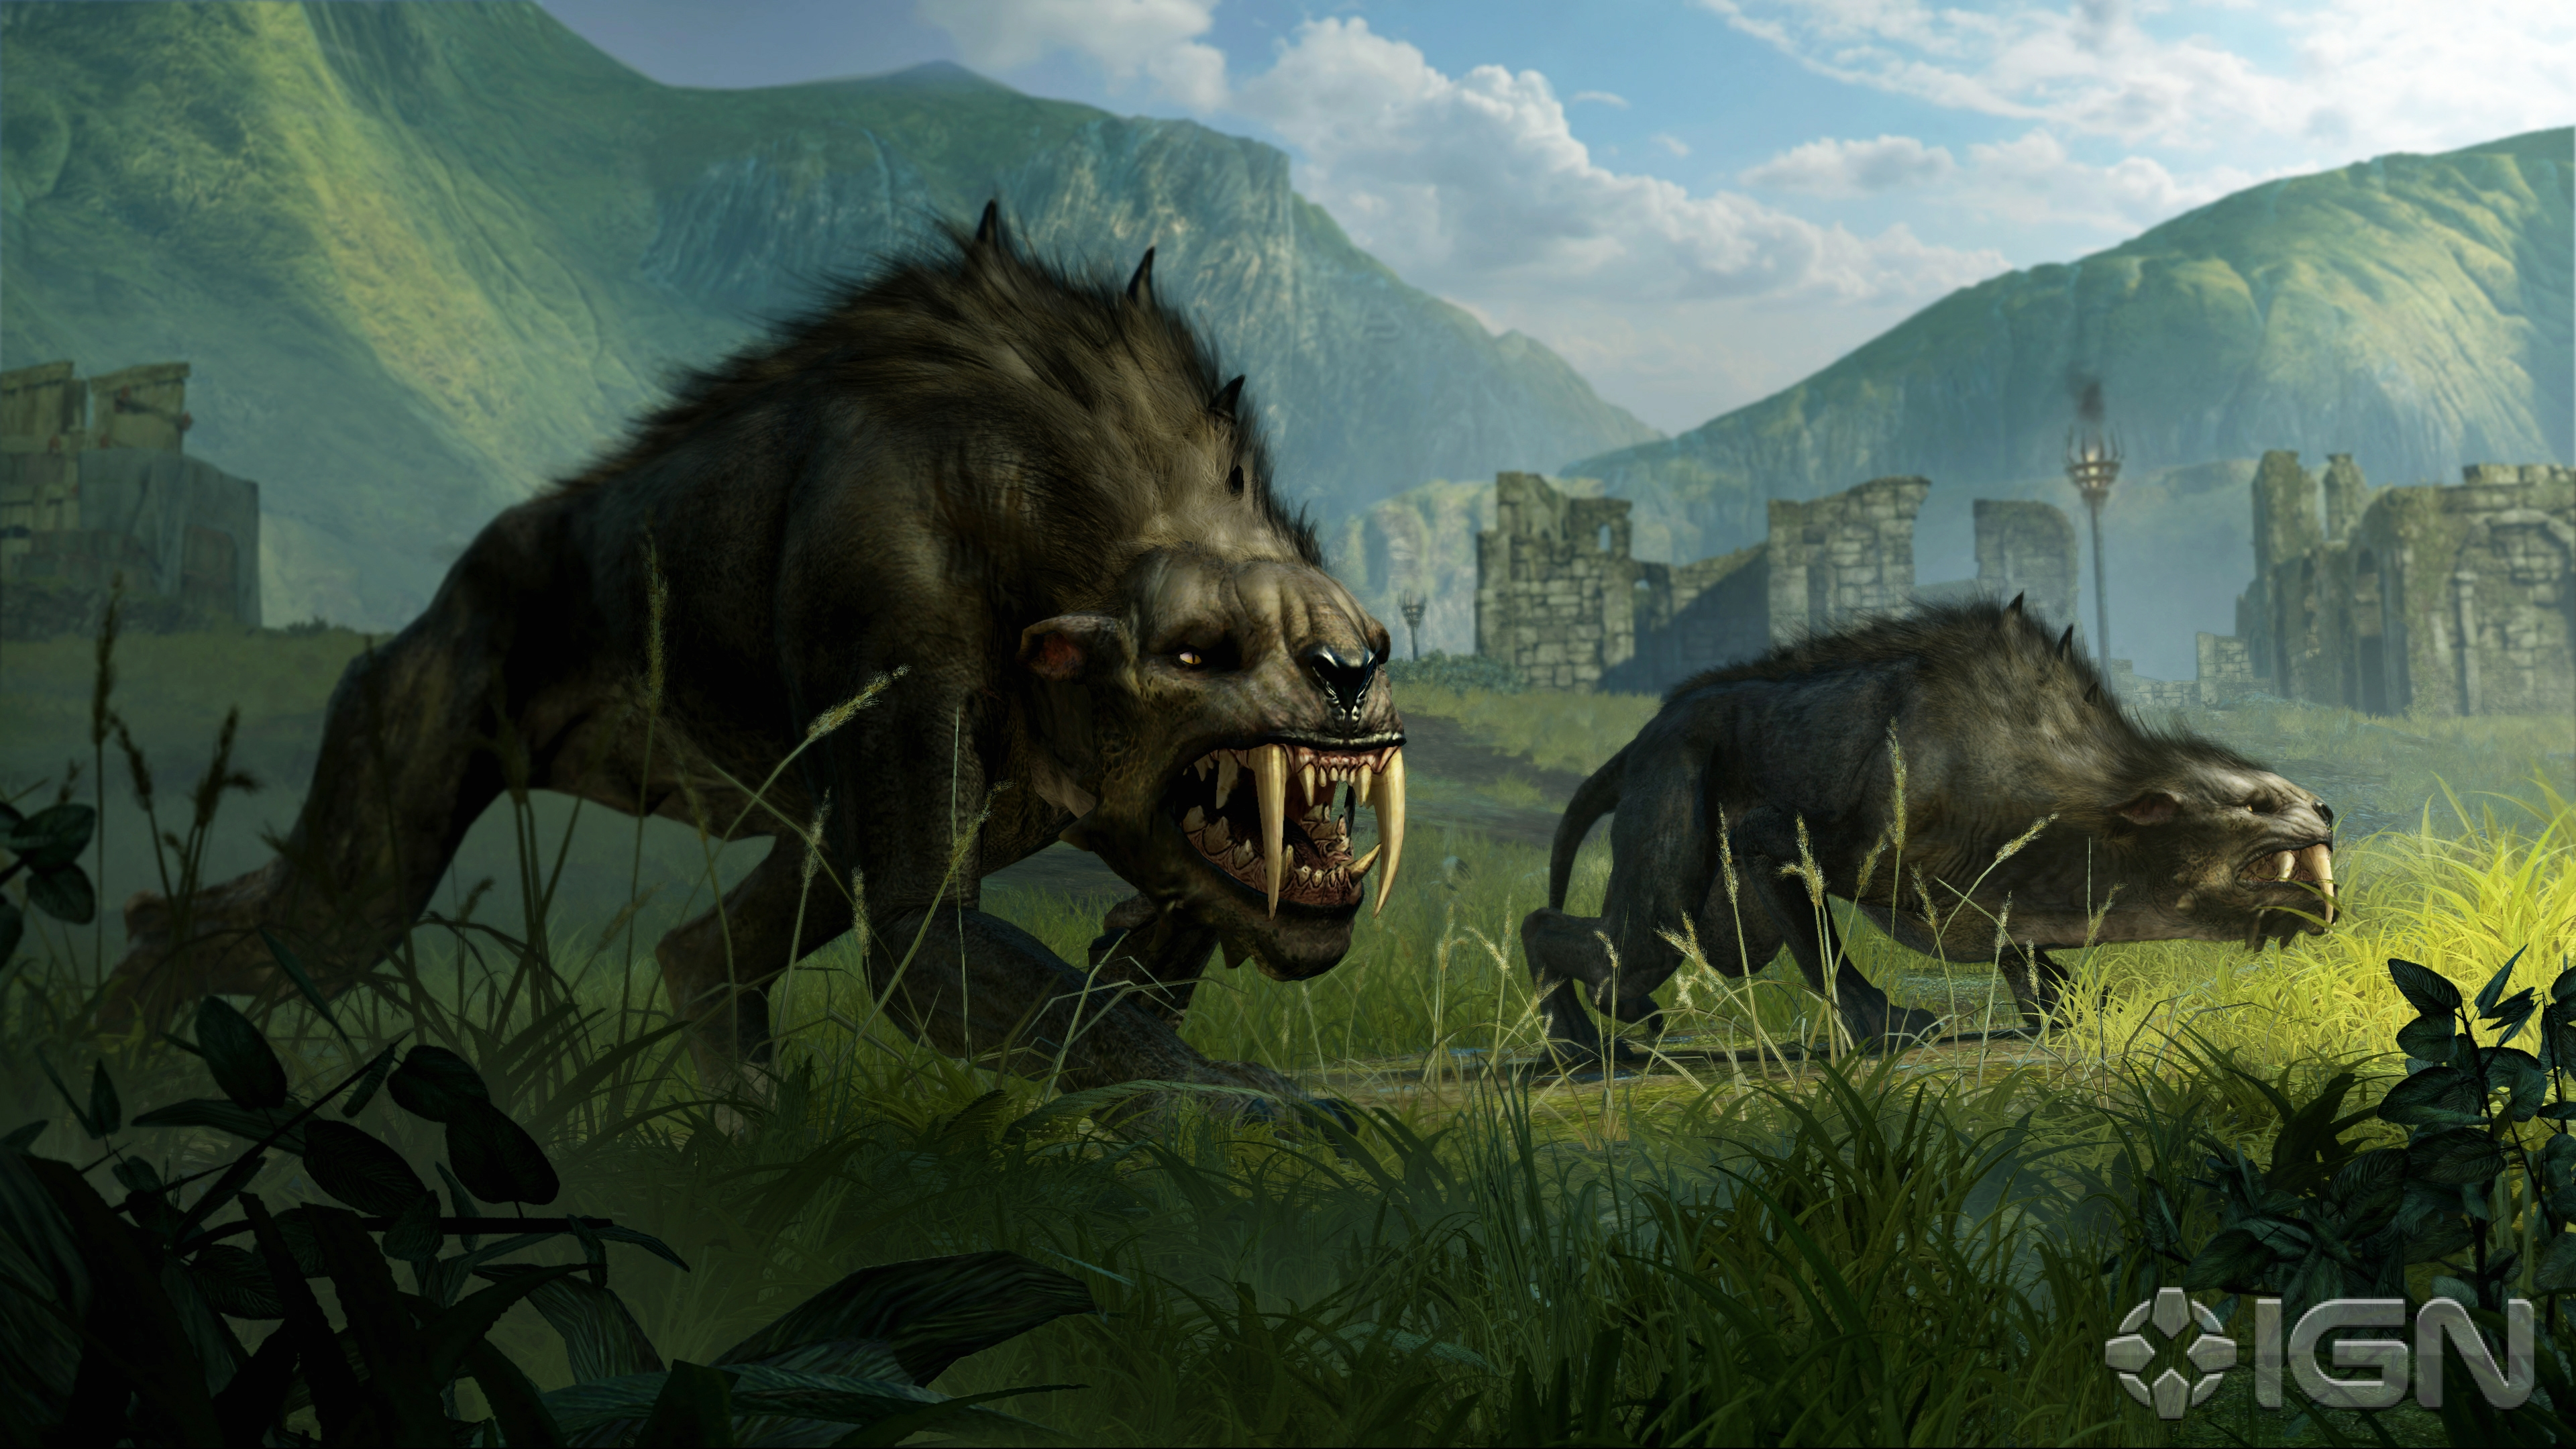 Připravte se na lov v DLC pro Middle-earth: Shadow of Mordor 101814